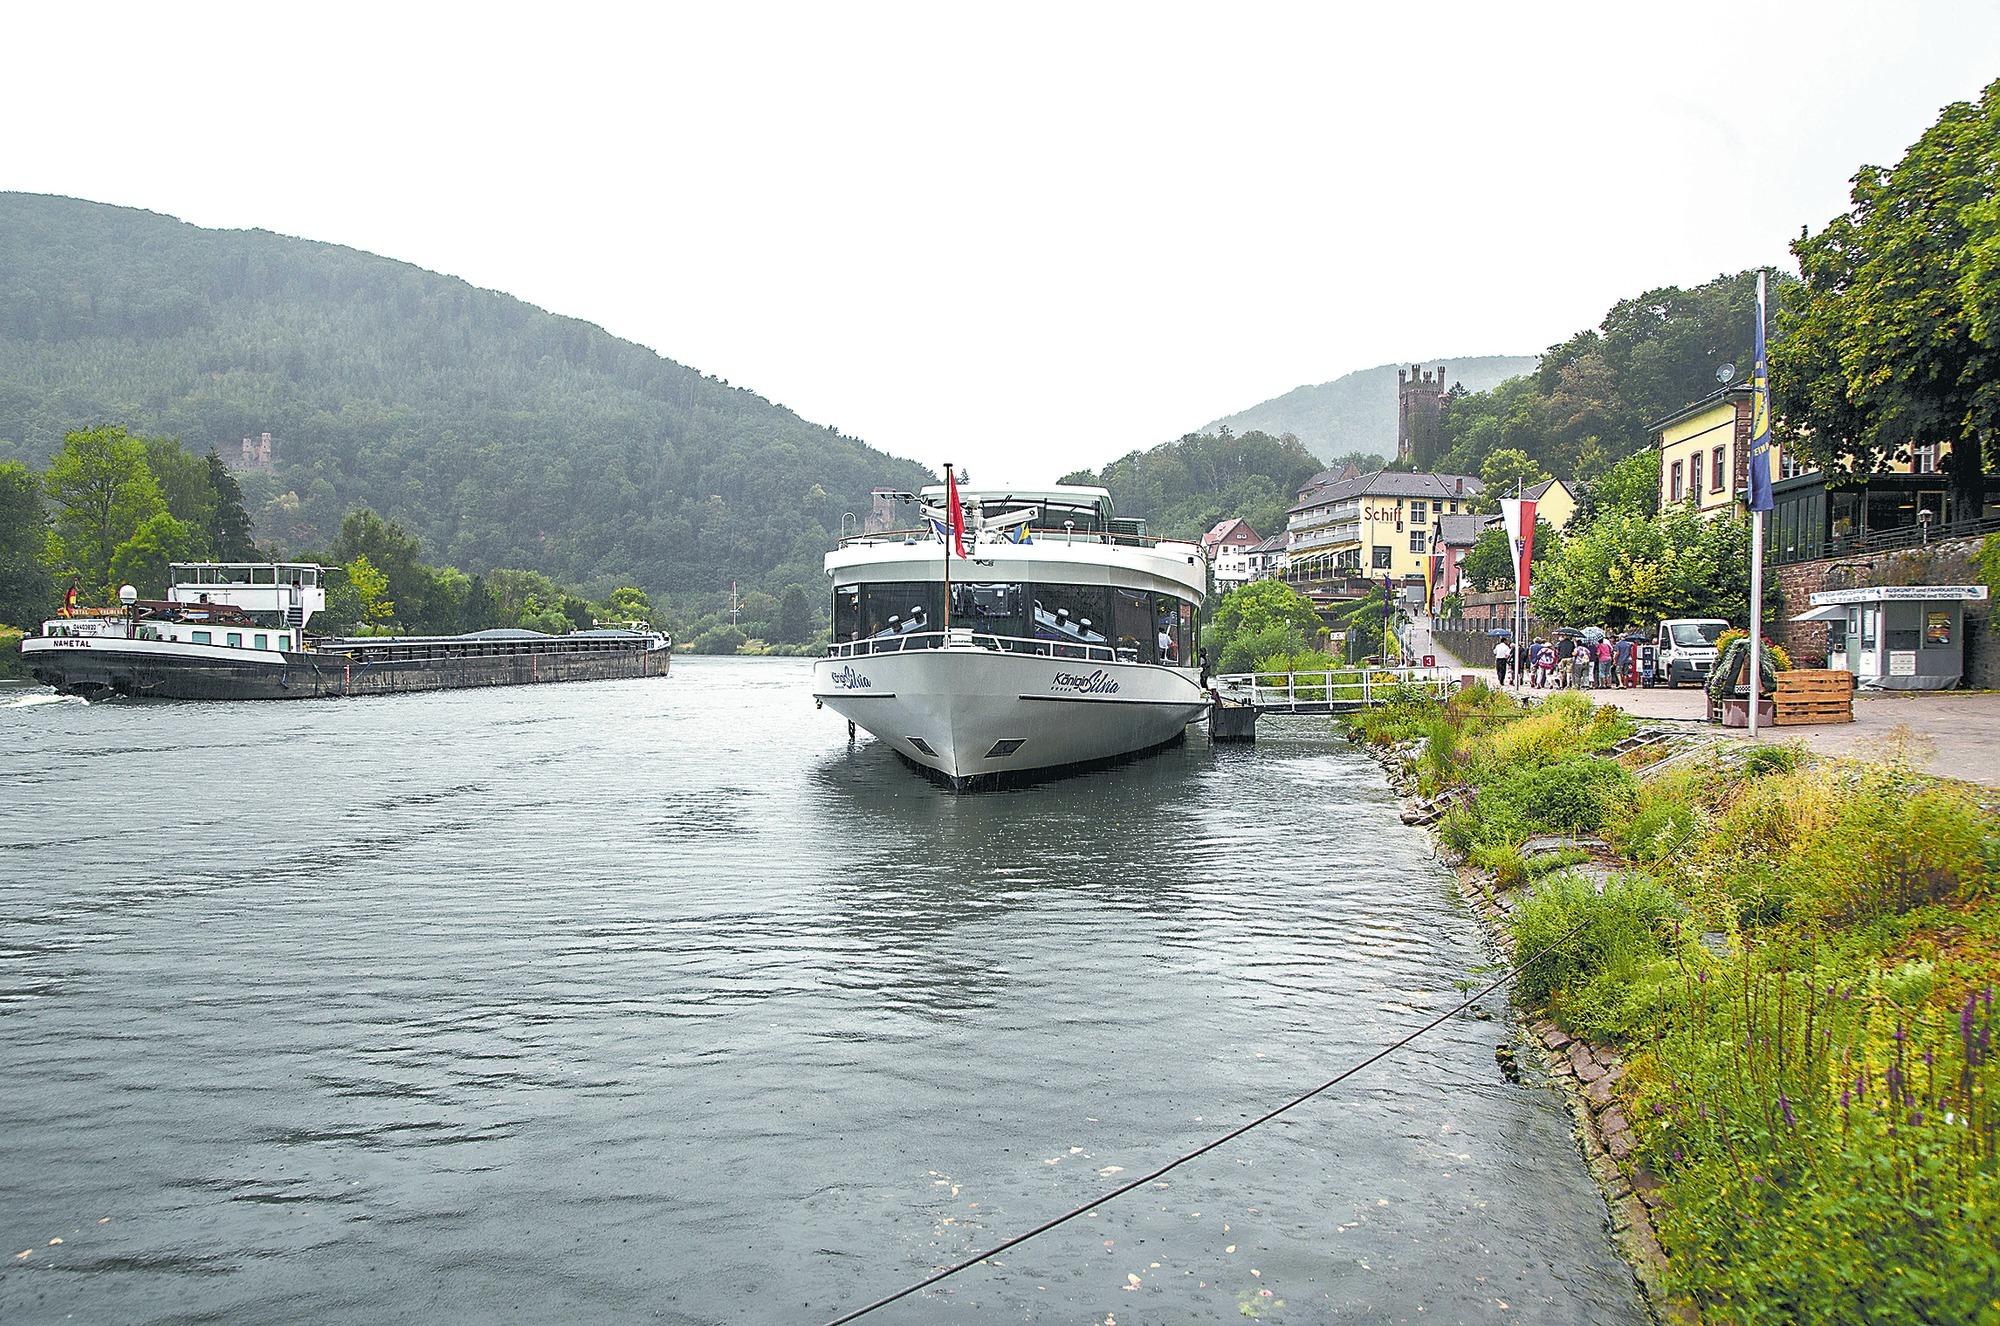 Flusskreuzfahrt-Touristen: In Neckarsteinach sind alle Touristen ...